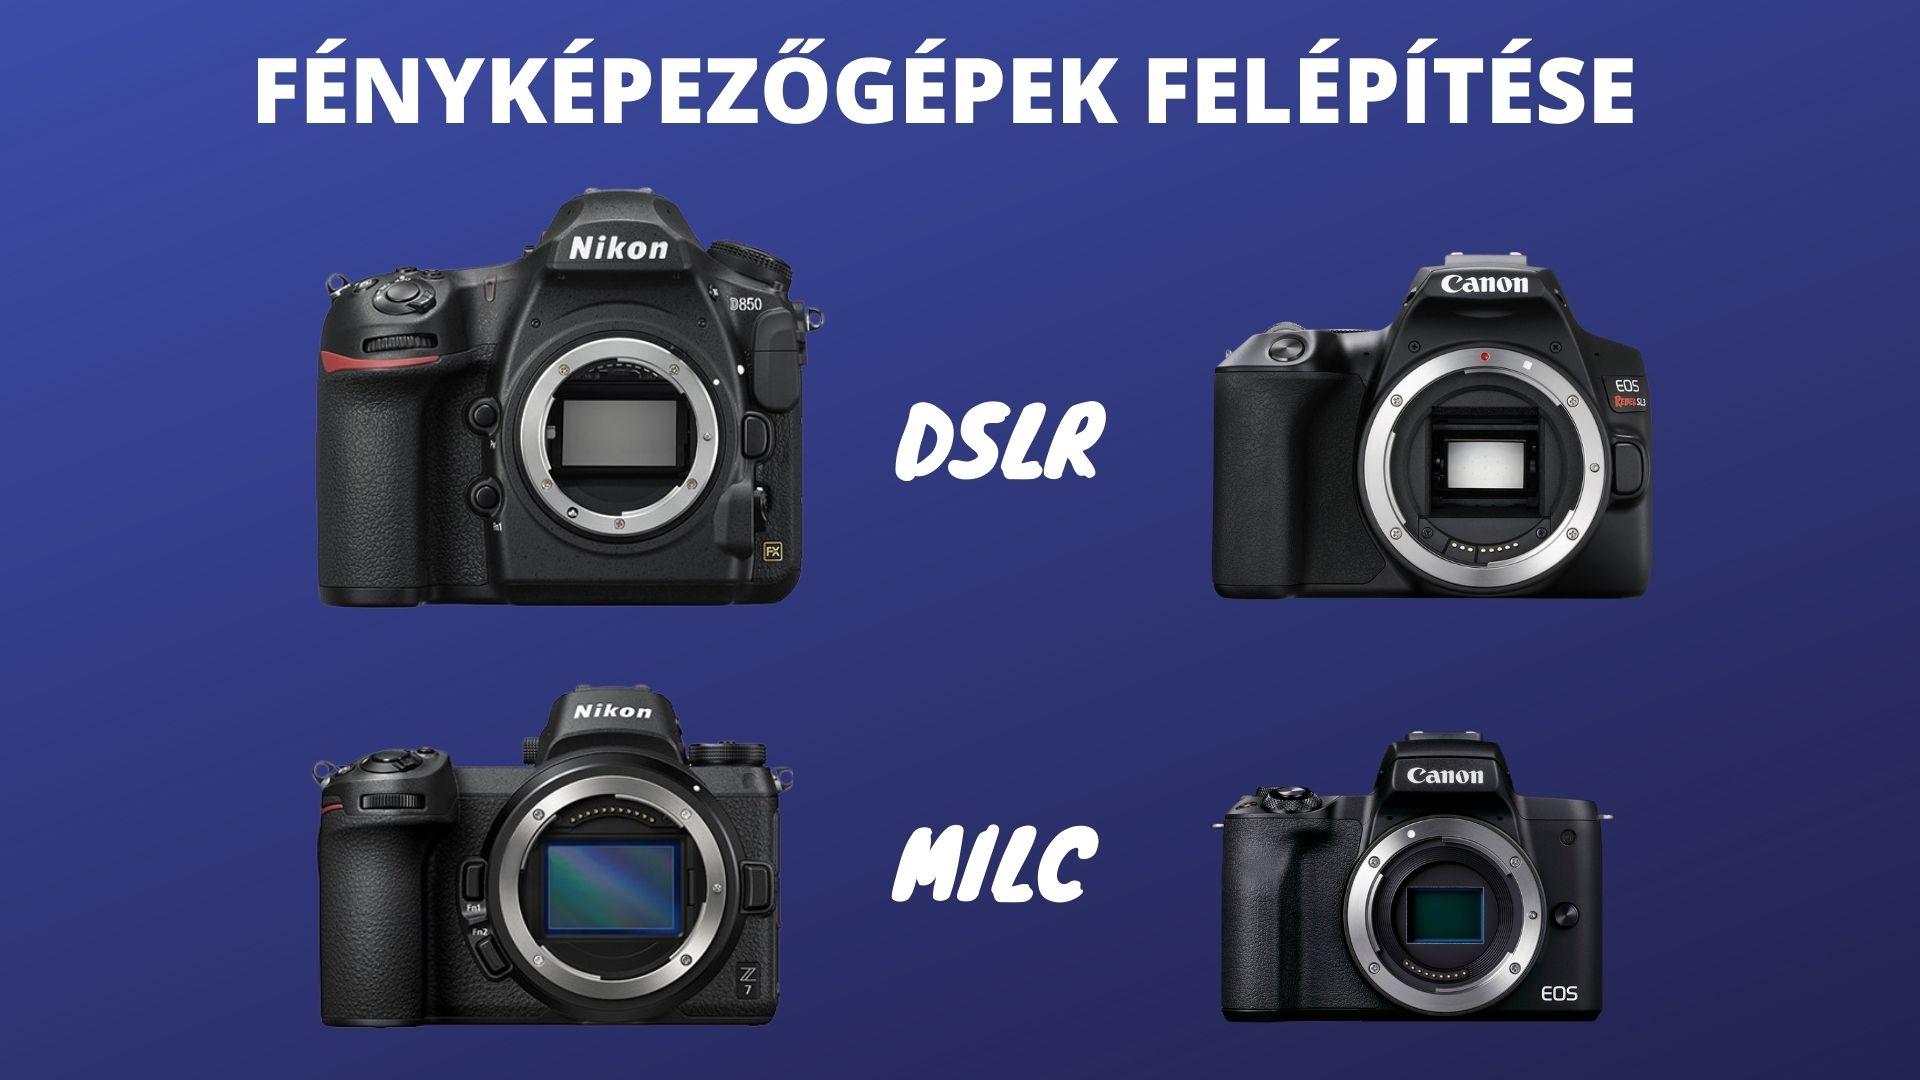 fényképezőgépek felépítése dslr milc